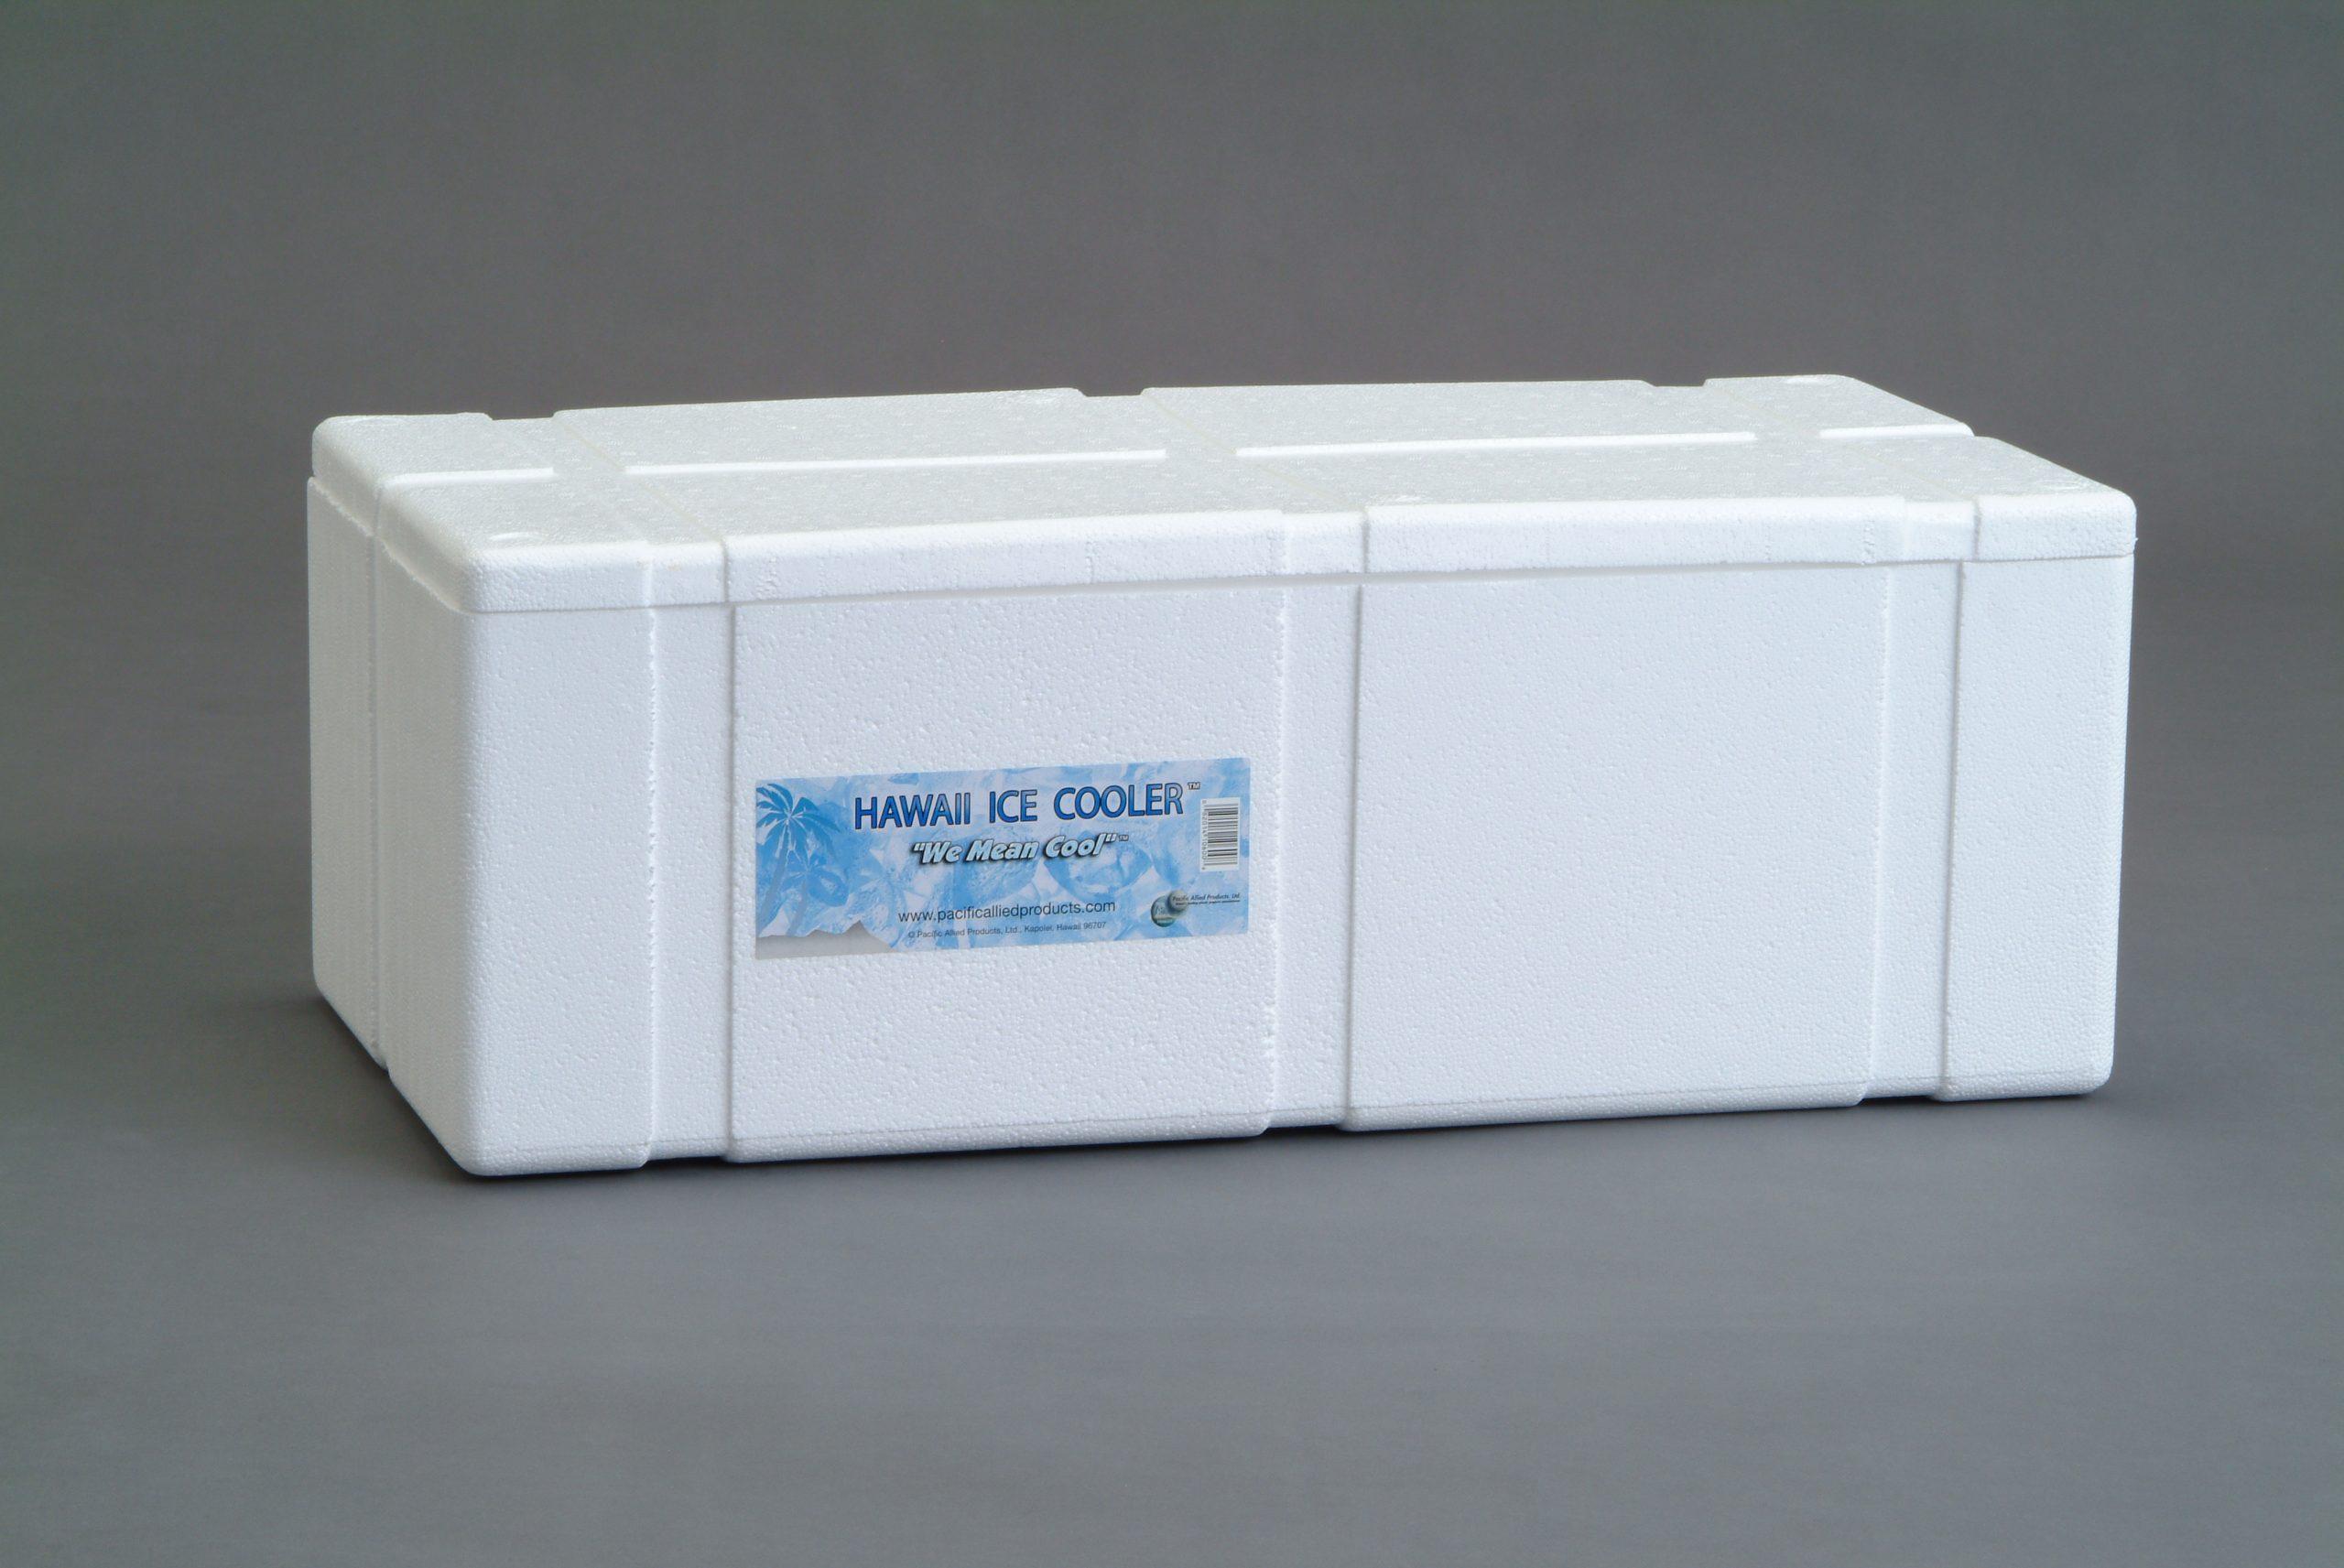 Hawaii Ice Cooler800